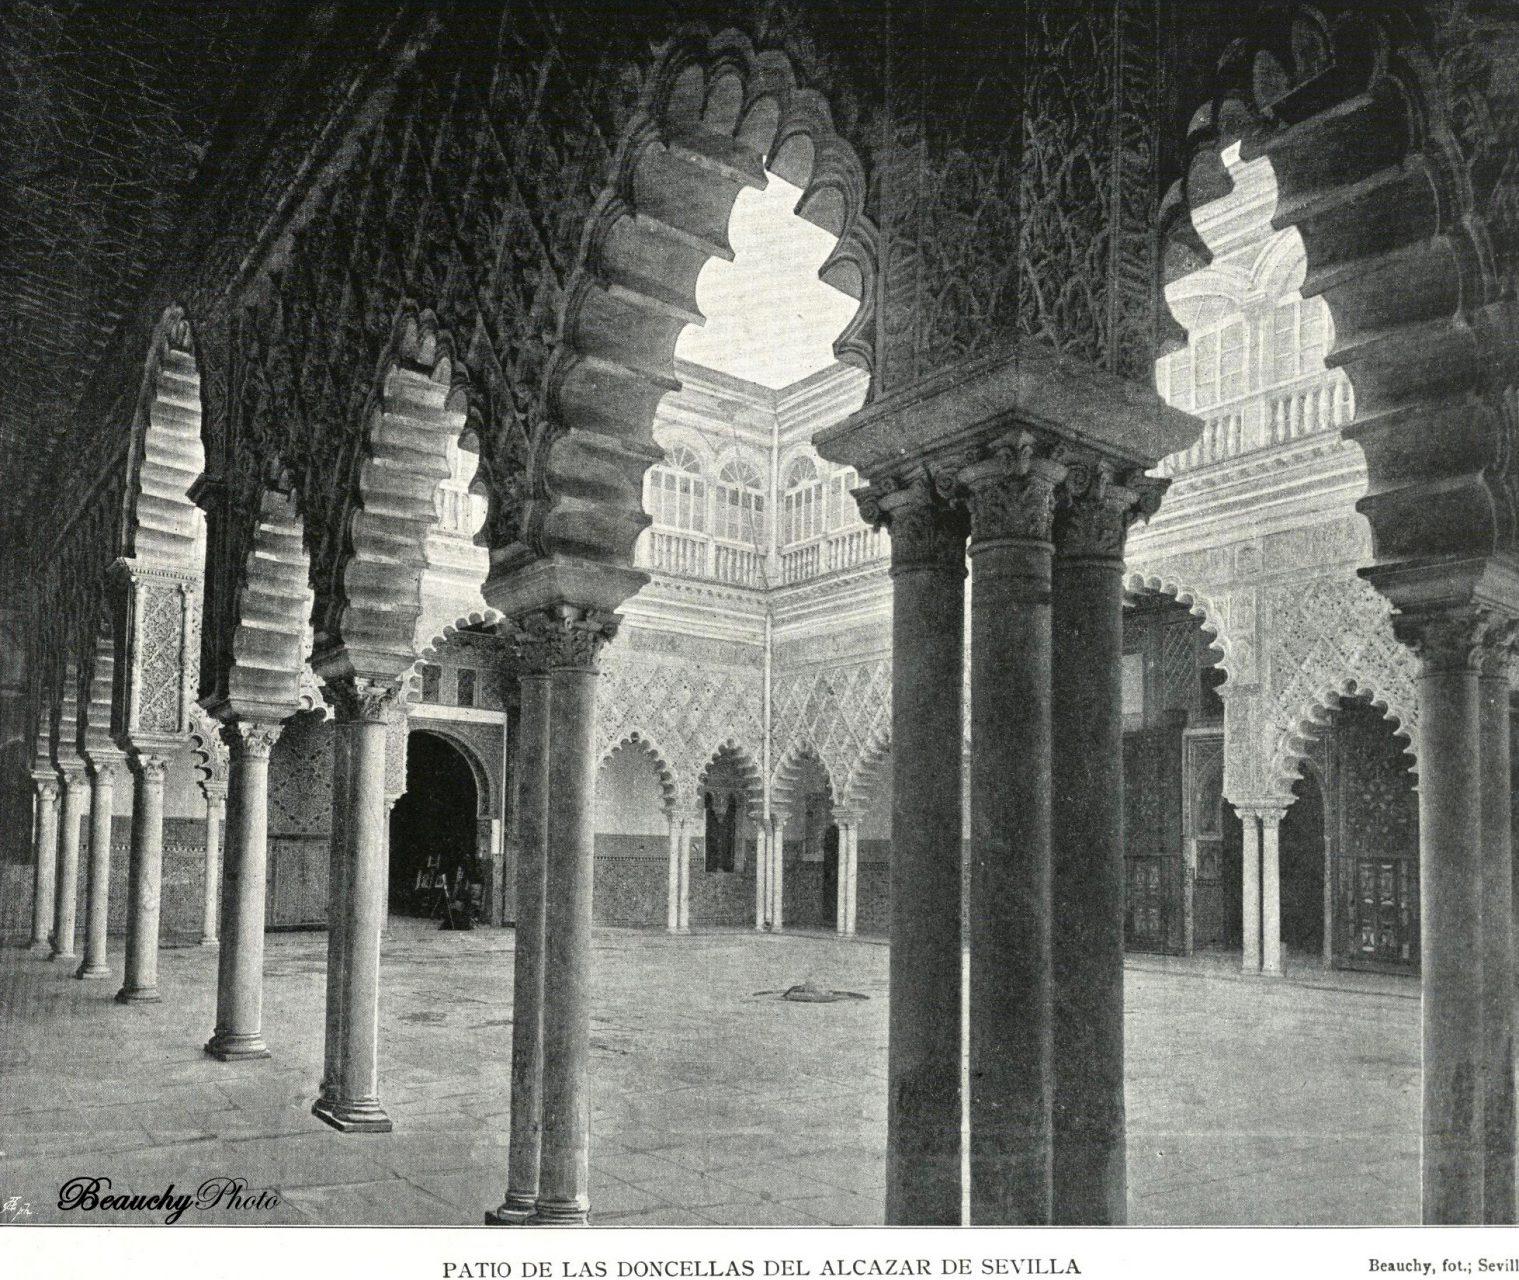 Patio de Las Doncellas del Real Alcázar de Sevilla